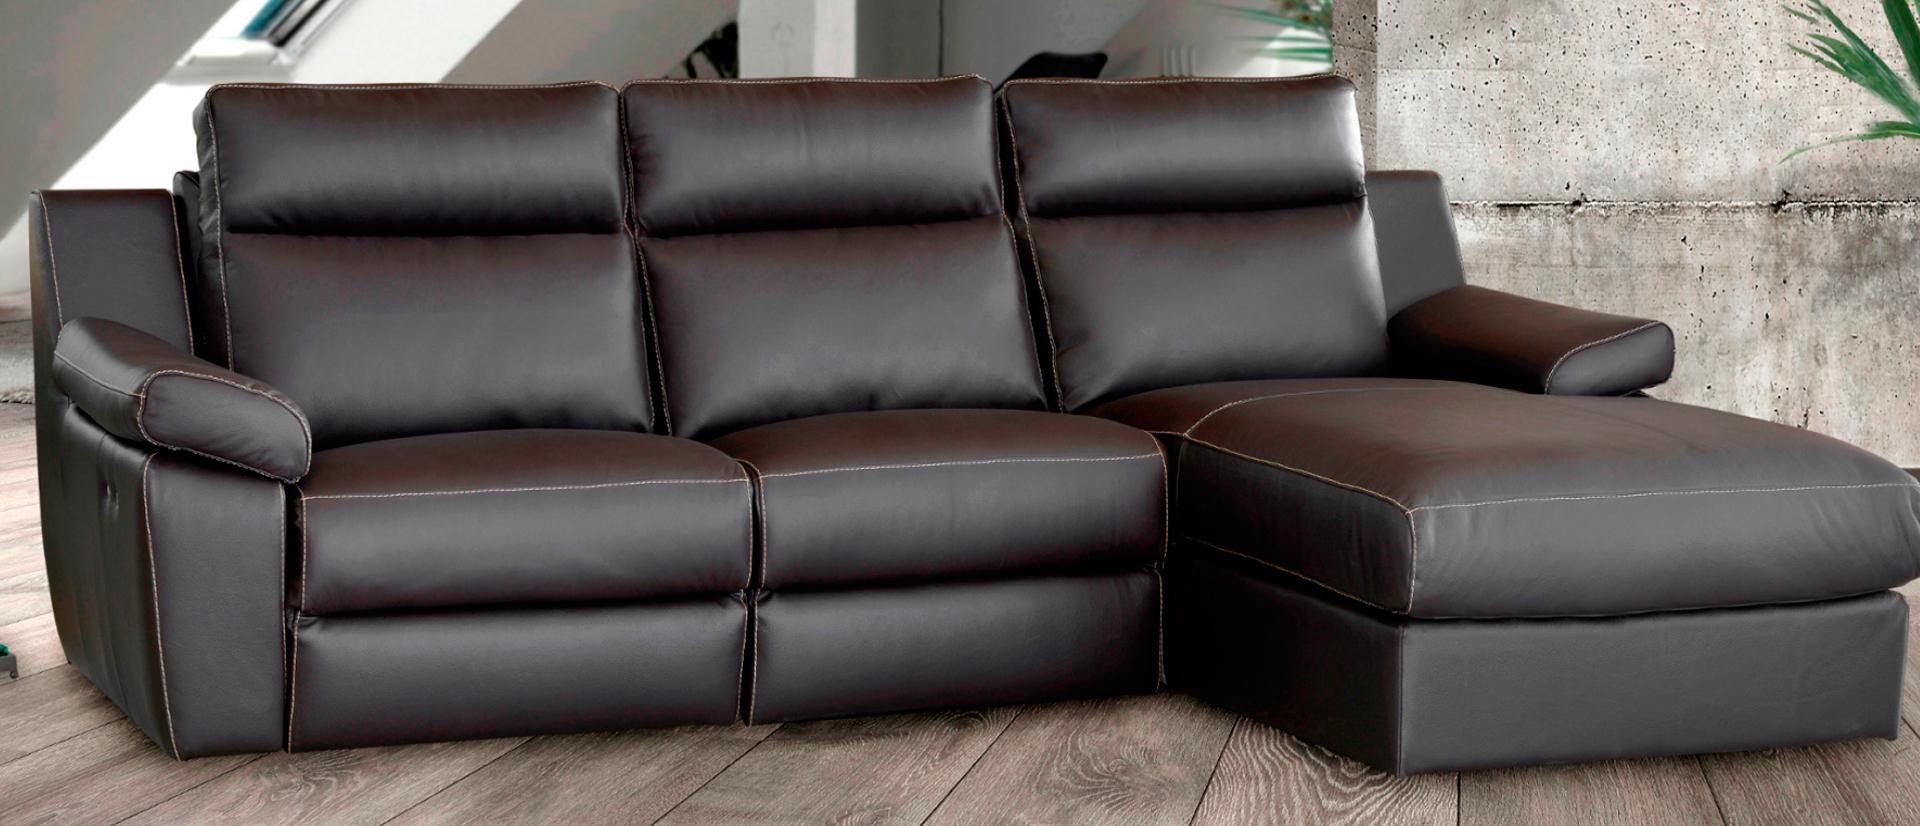 sofa de cuero en la coruna